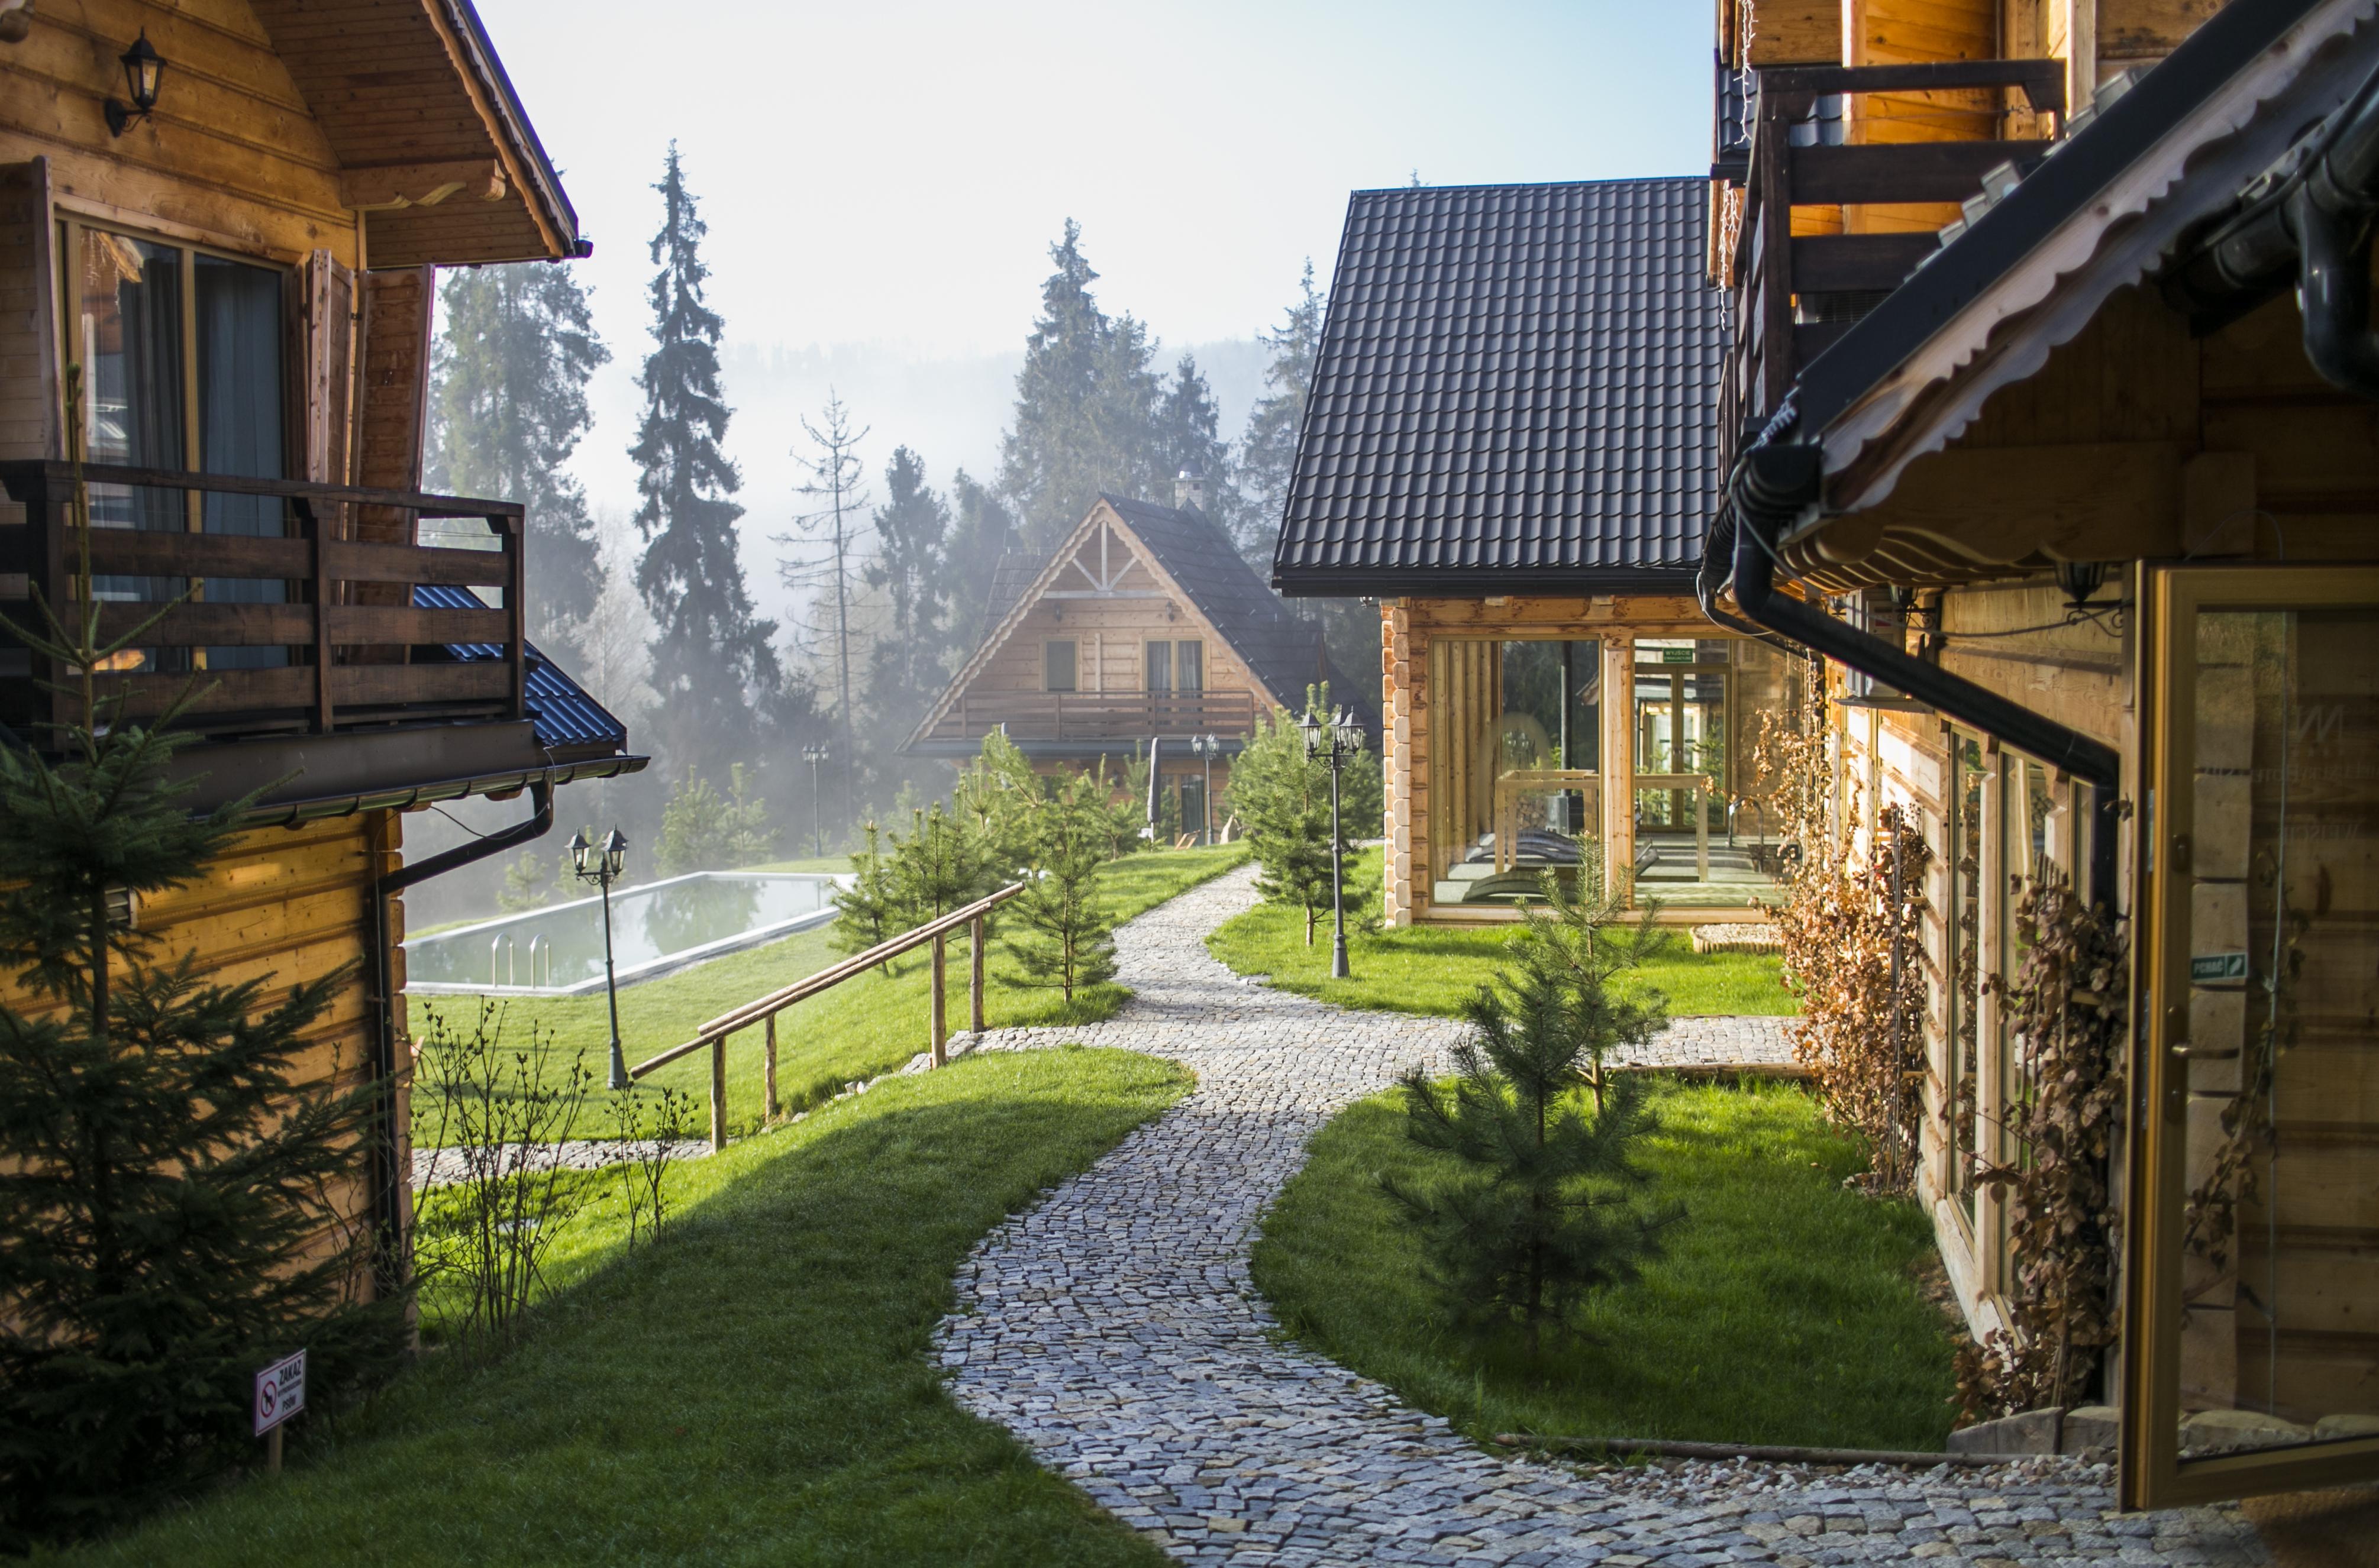 najlepsze miejsca w górach